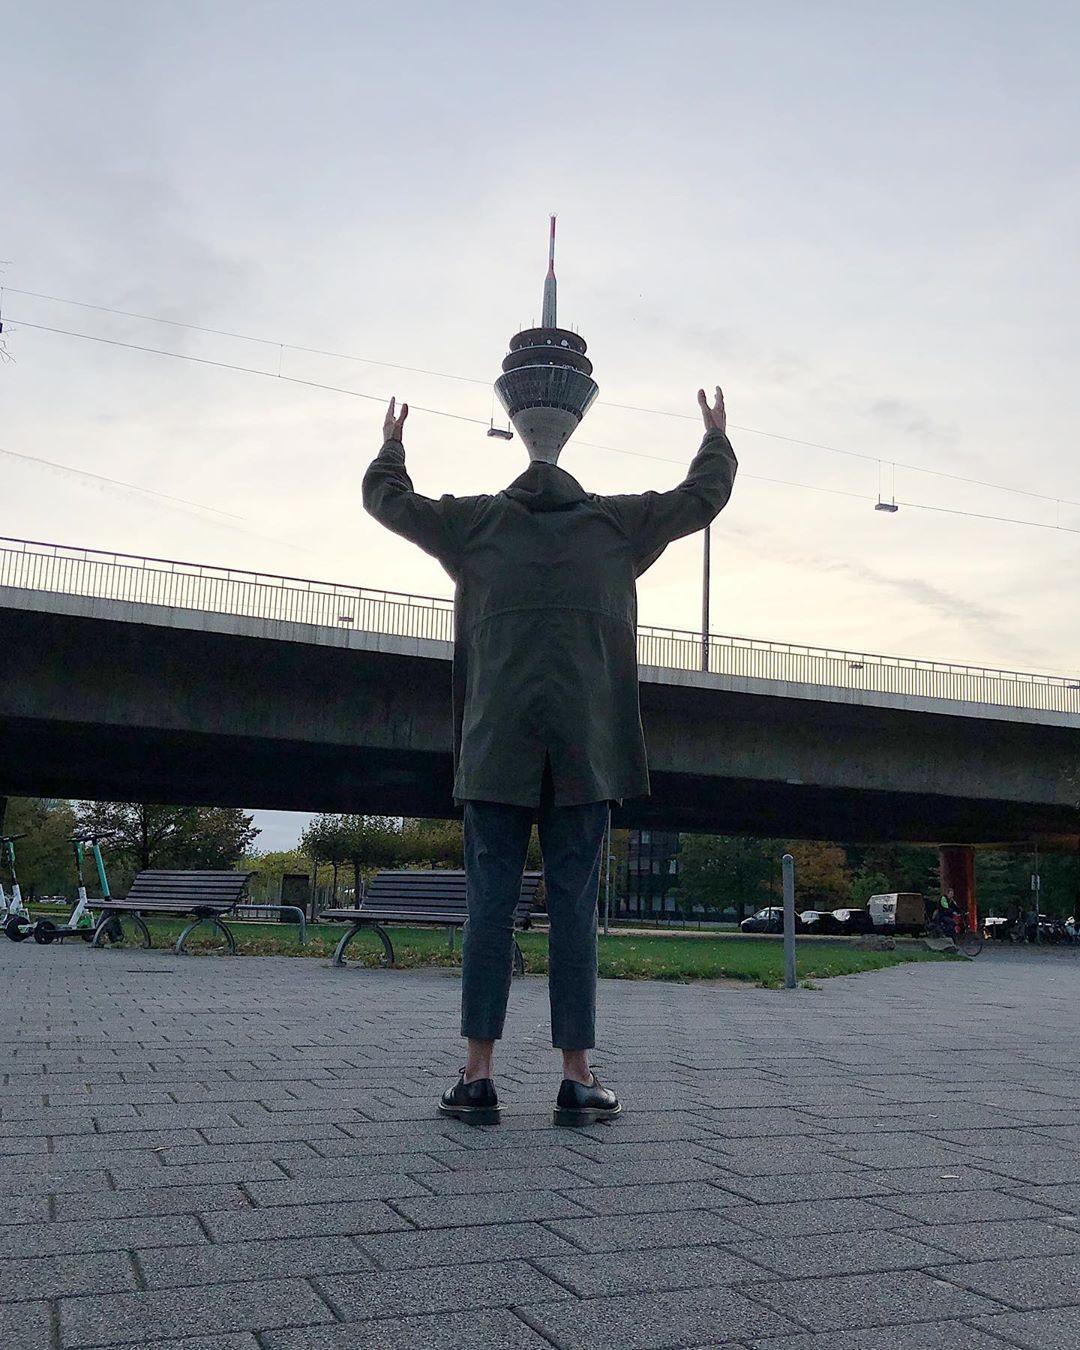 «Башенная голова». Дюссельдорф, Германия. Автор Тиаго Силва